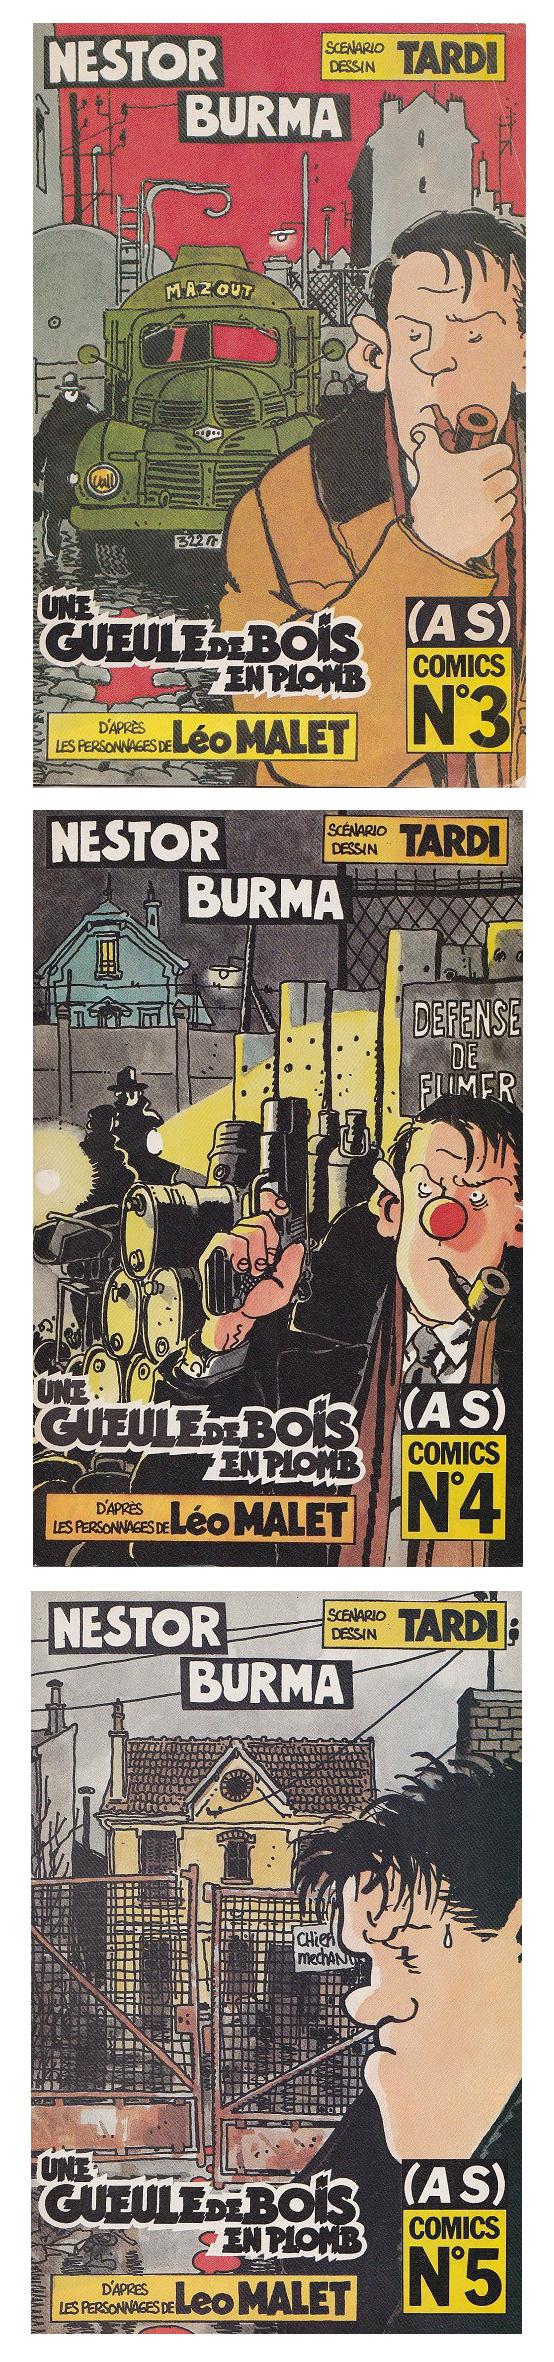 Une gueule de bois en plomb. Supplément du (A Suivre) n°137. Prépublication  en trois revues de type comics (AS)Comics. C'est la véritable édition  originale ...